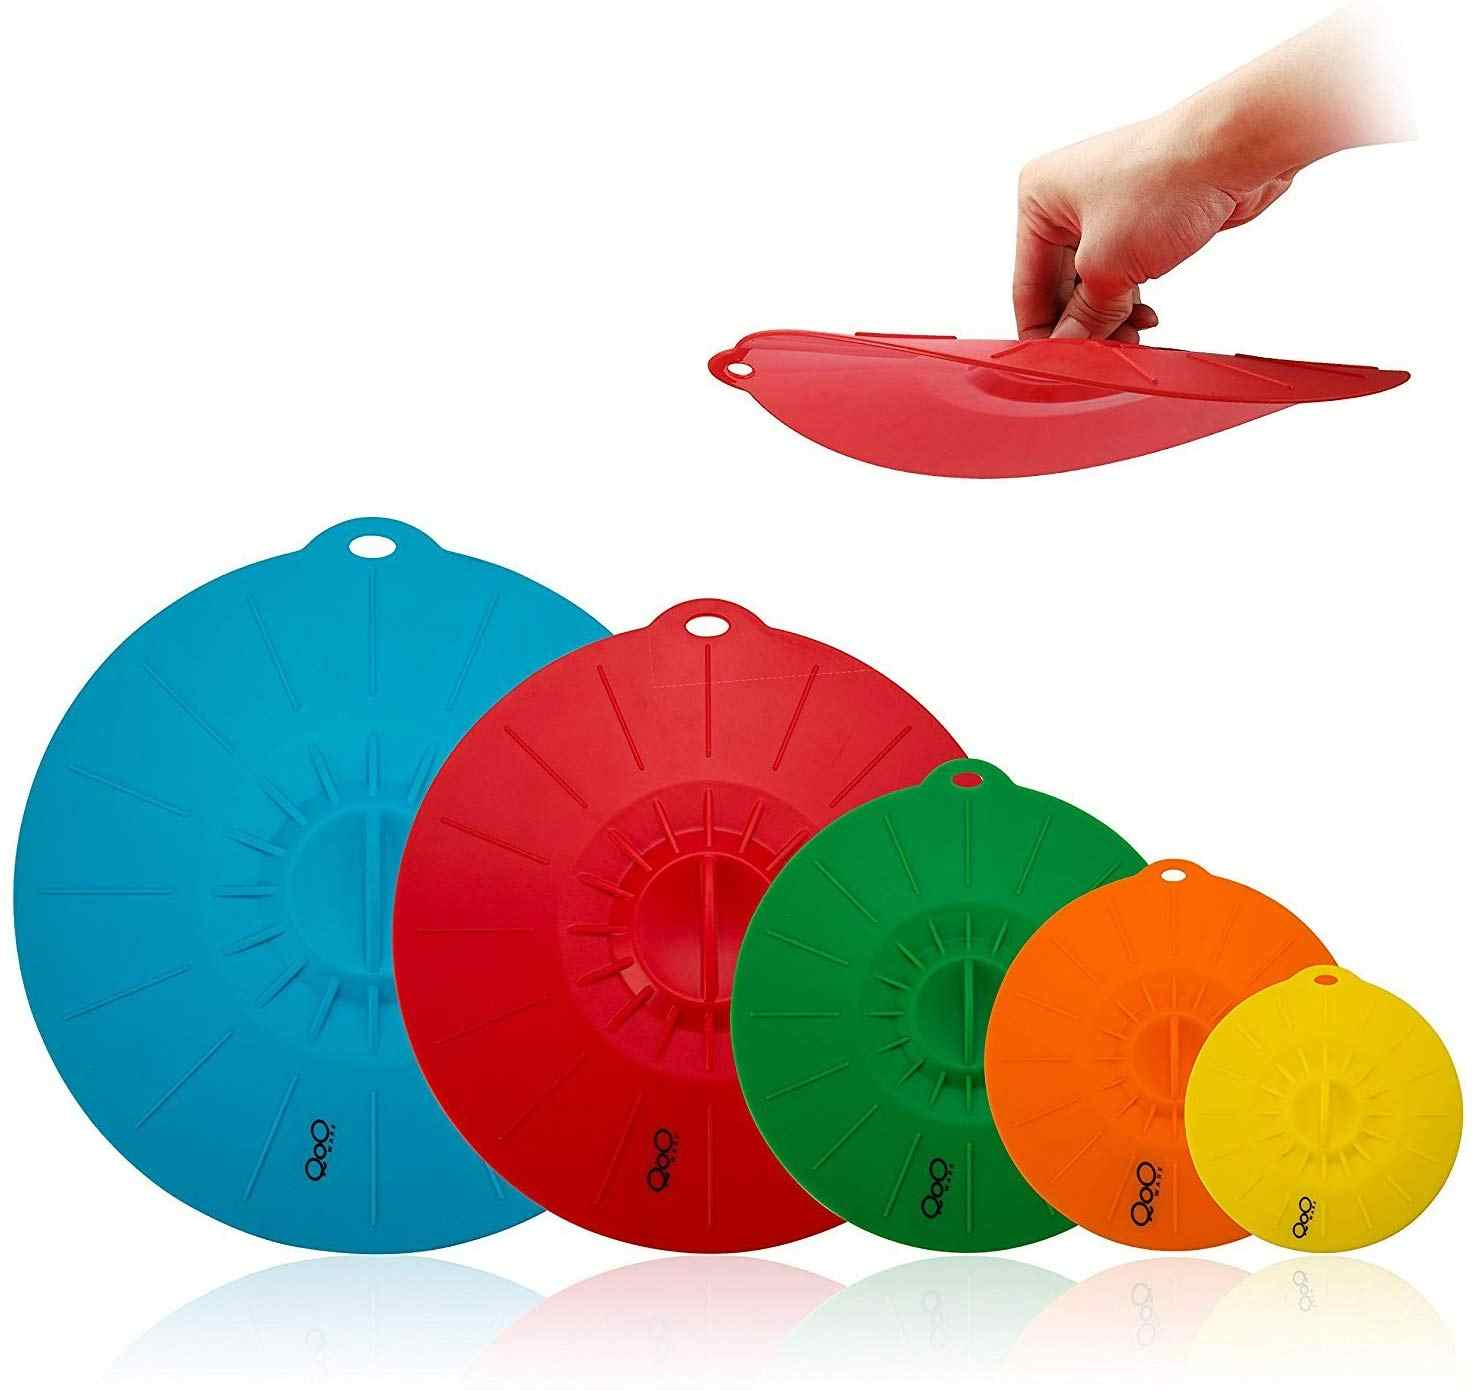 5 pçs bpa livre silicone tampas de sucção alimentos microondas canecas potes tigelas tampas pan pot caps capa cozinha panelas acessórios